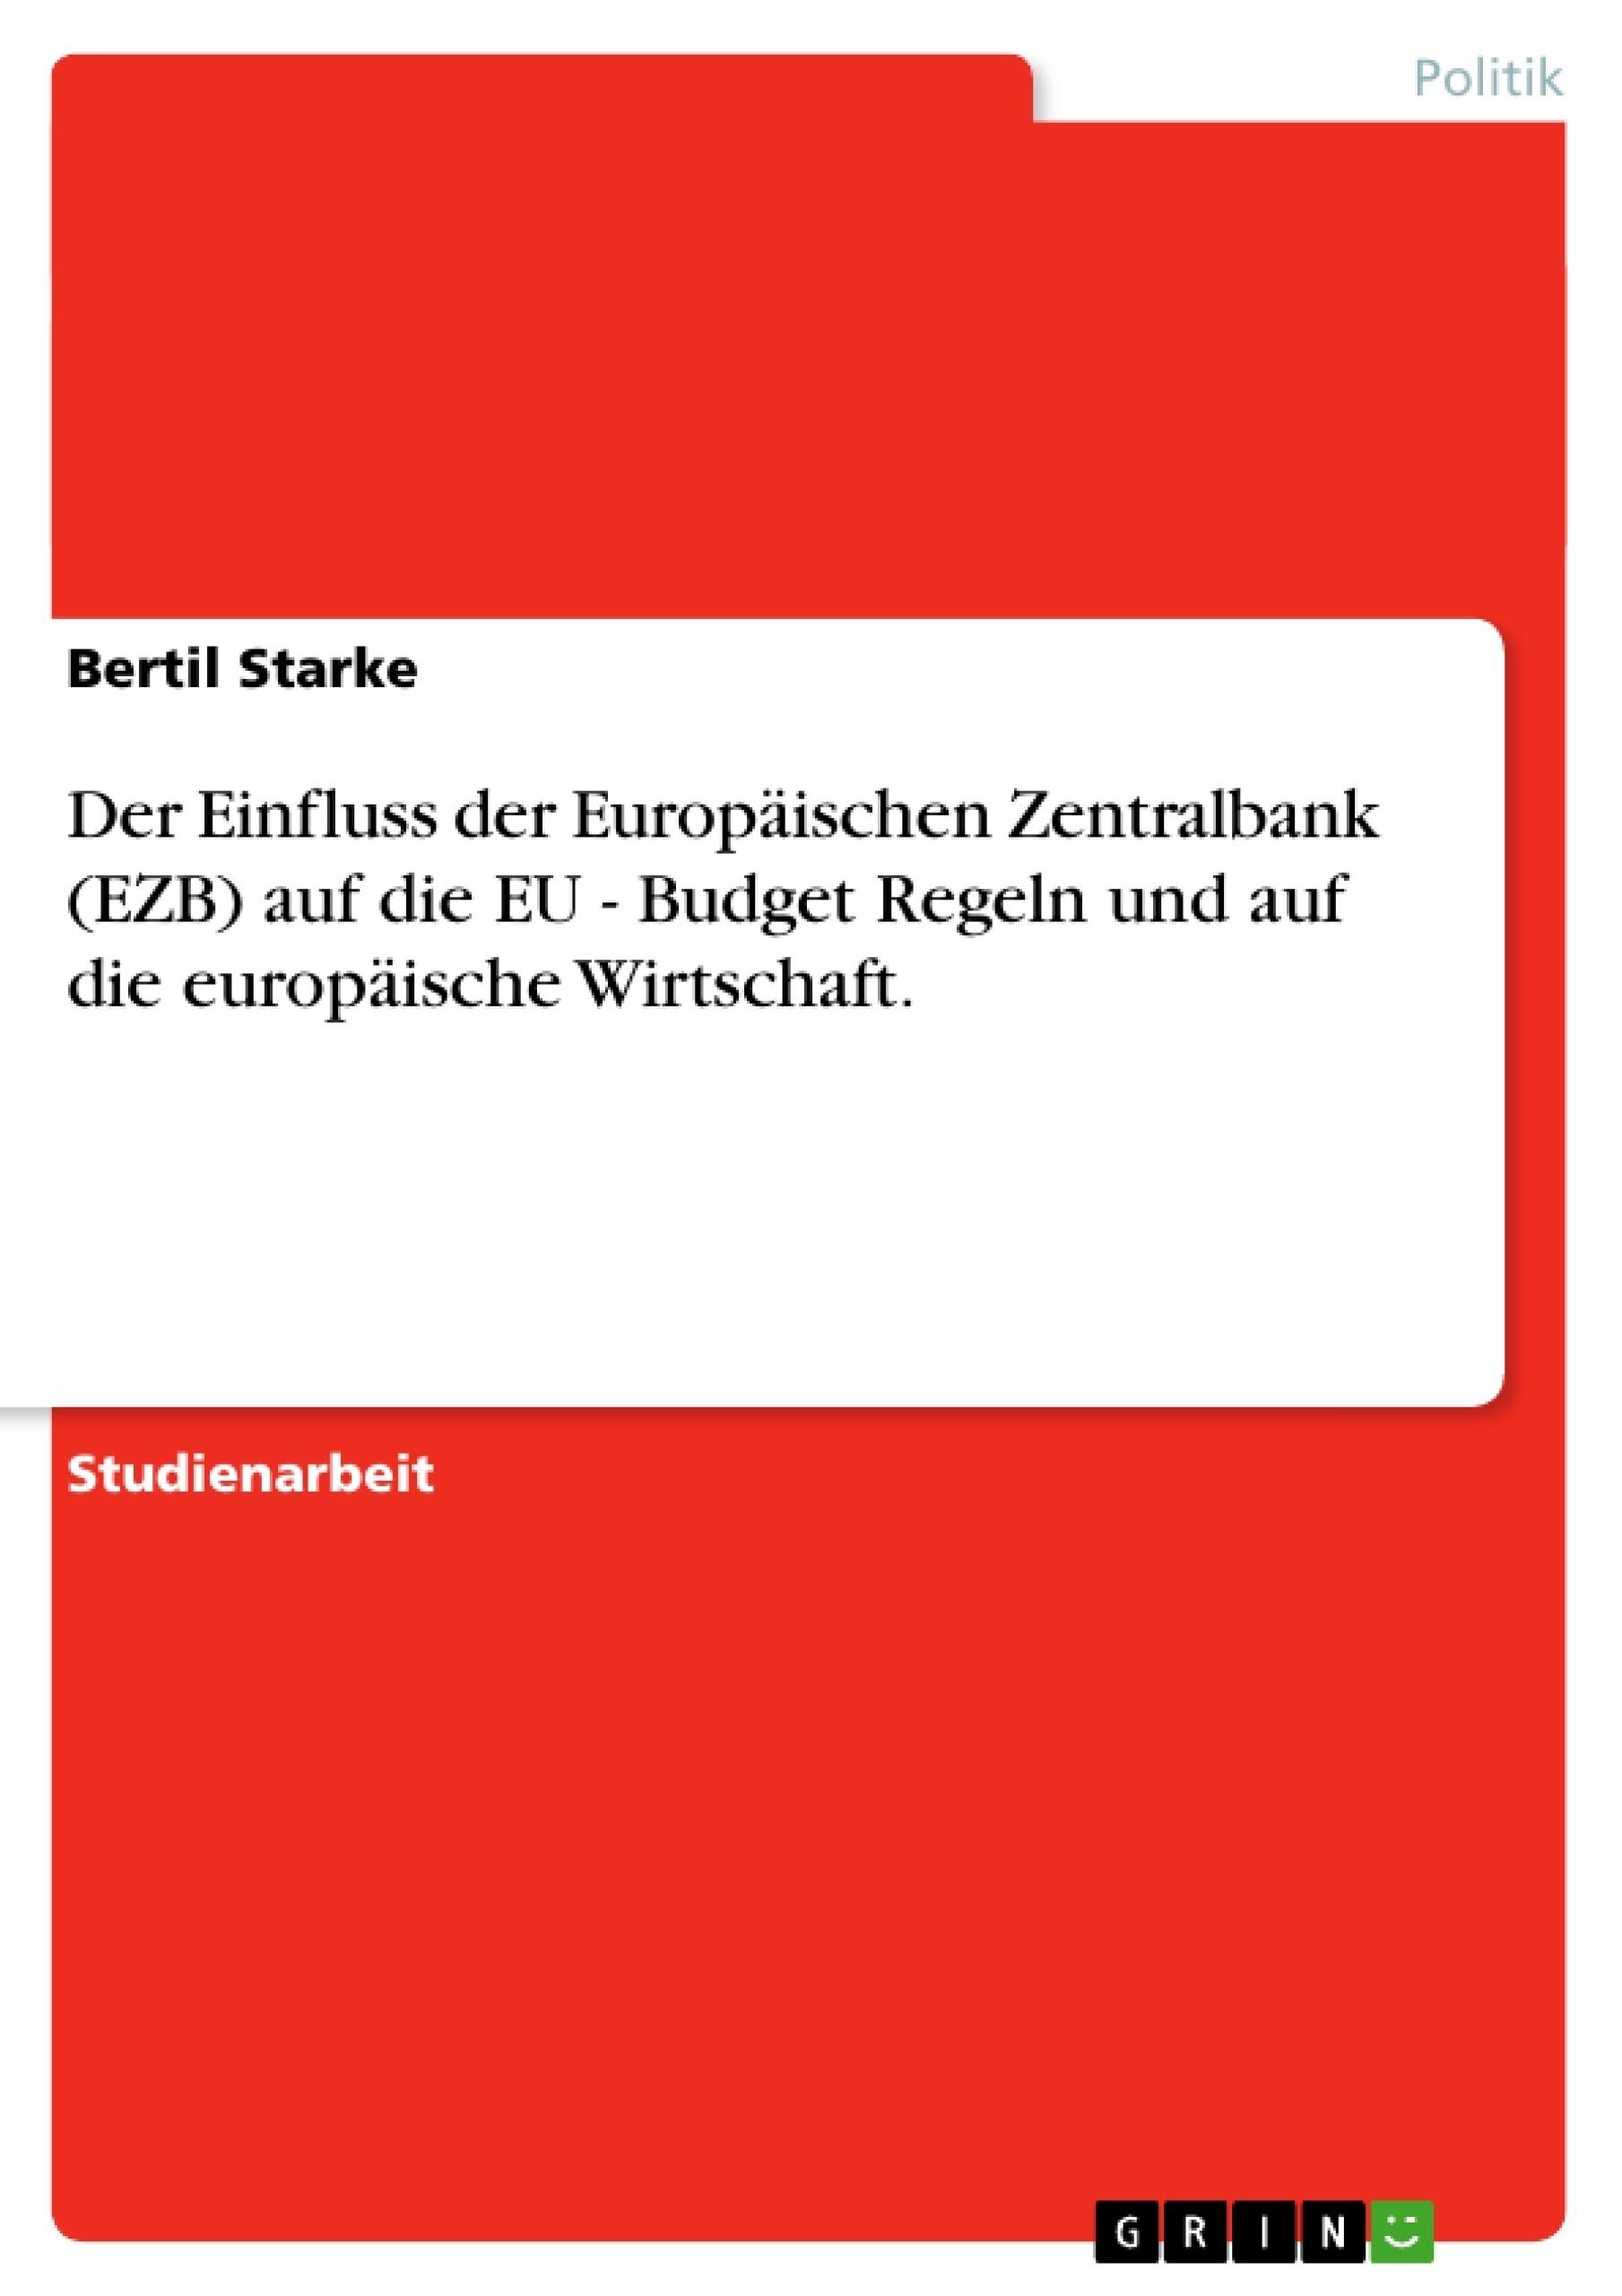 Titel: Der Einfluss der Europäischen Zentralbank (EZB) auf die EU - Budget Regeln und auf die europäische Wirtschaft.